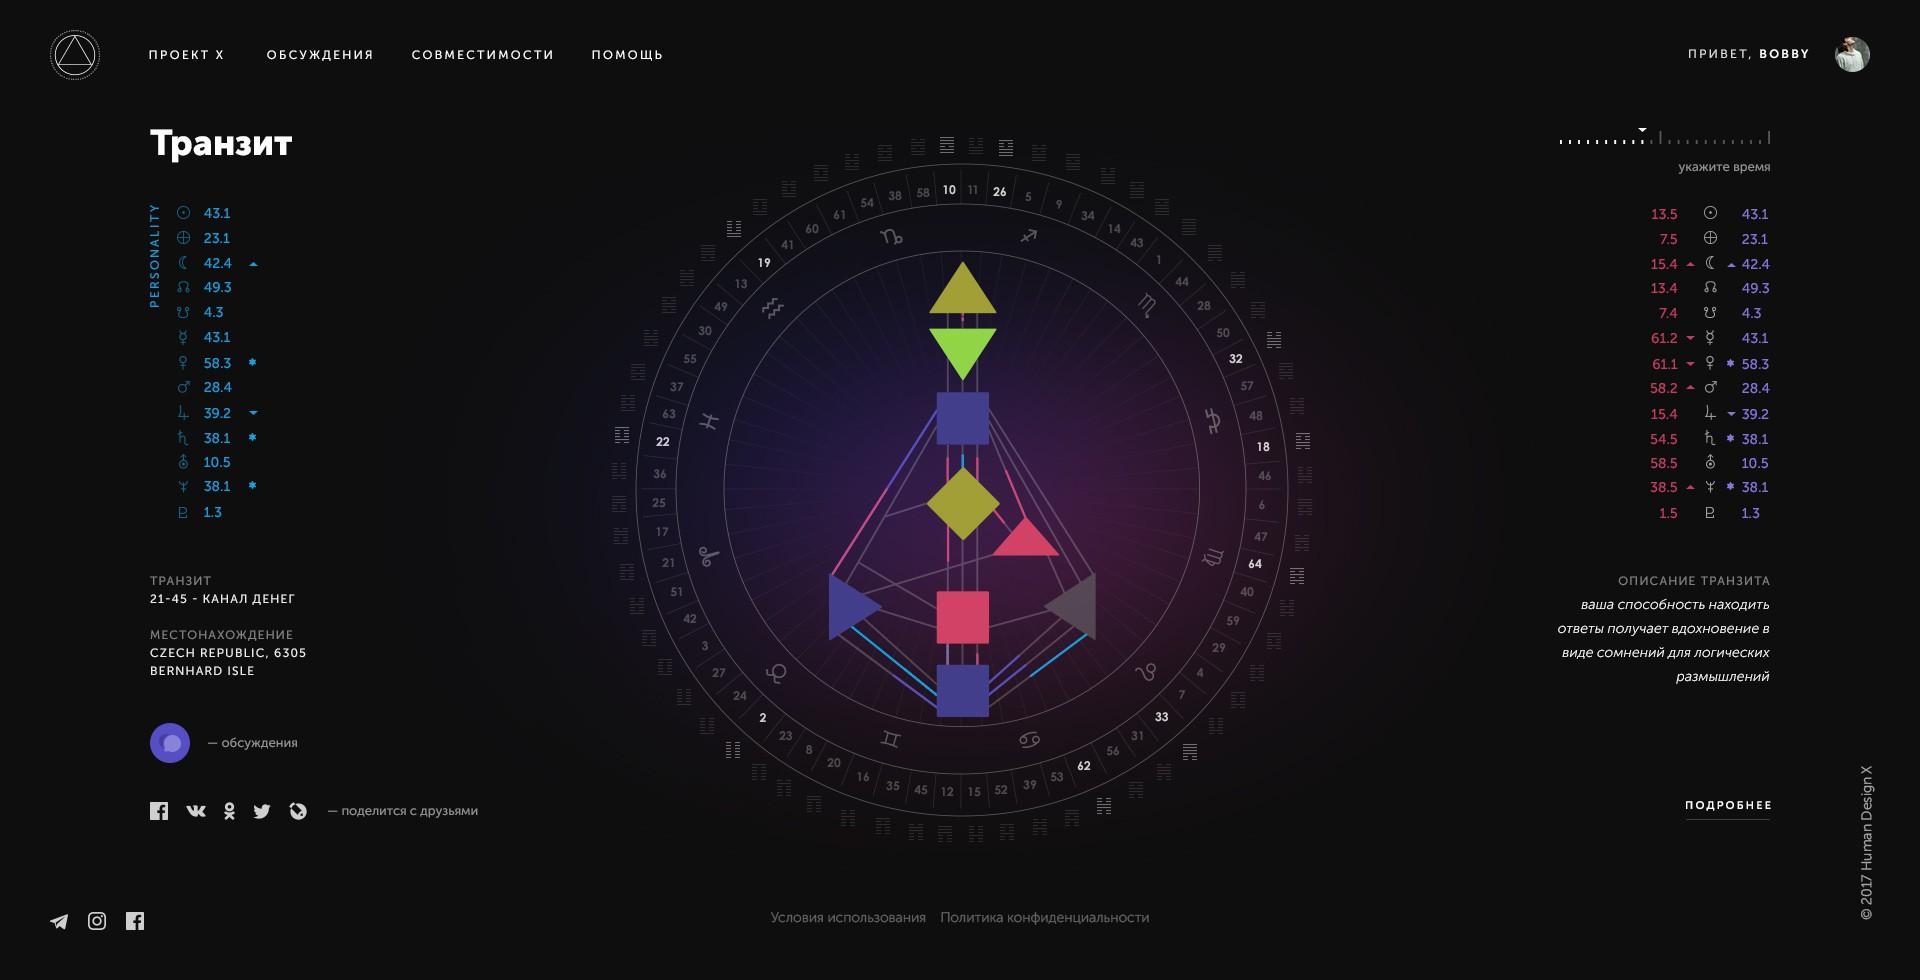 HDX ui/ux design, sequel